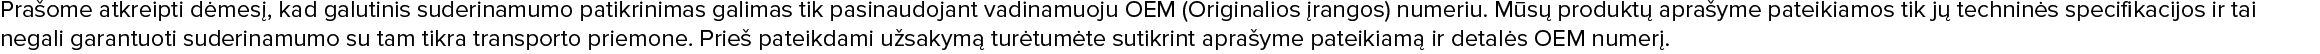 MAPCO 16400-00QAV, 16400-BC40A, 16400-BN700, 16401-00Q0D, 16401-00QAA kuro filtras